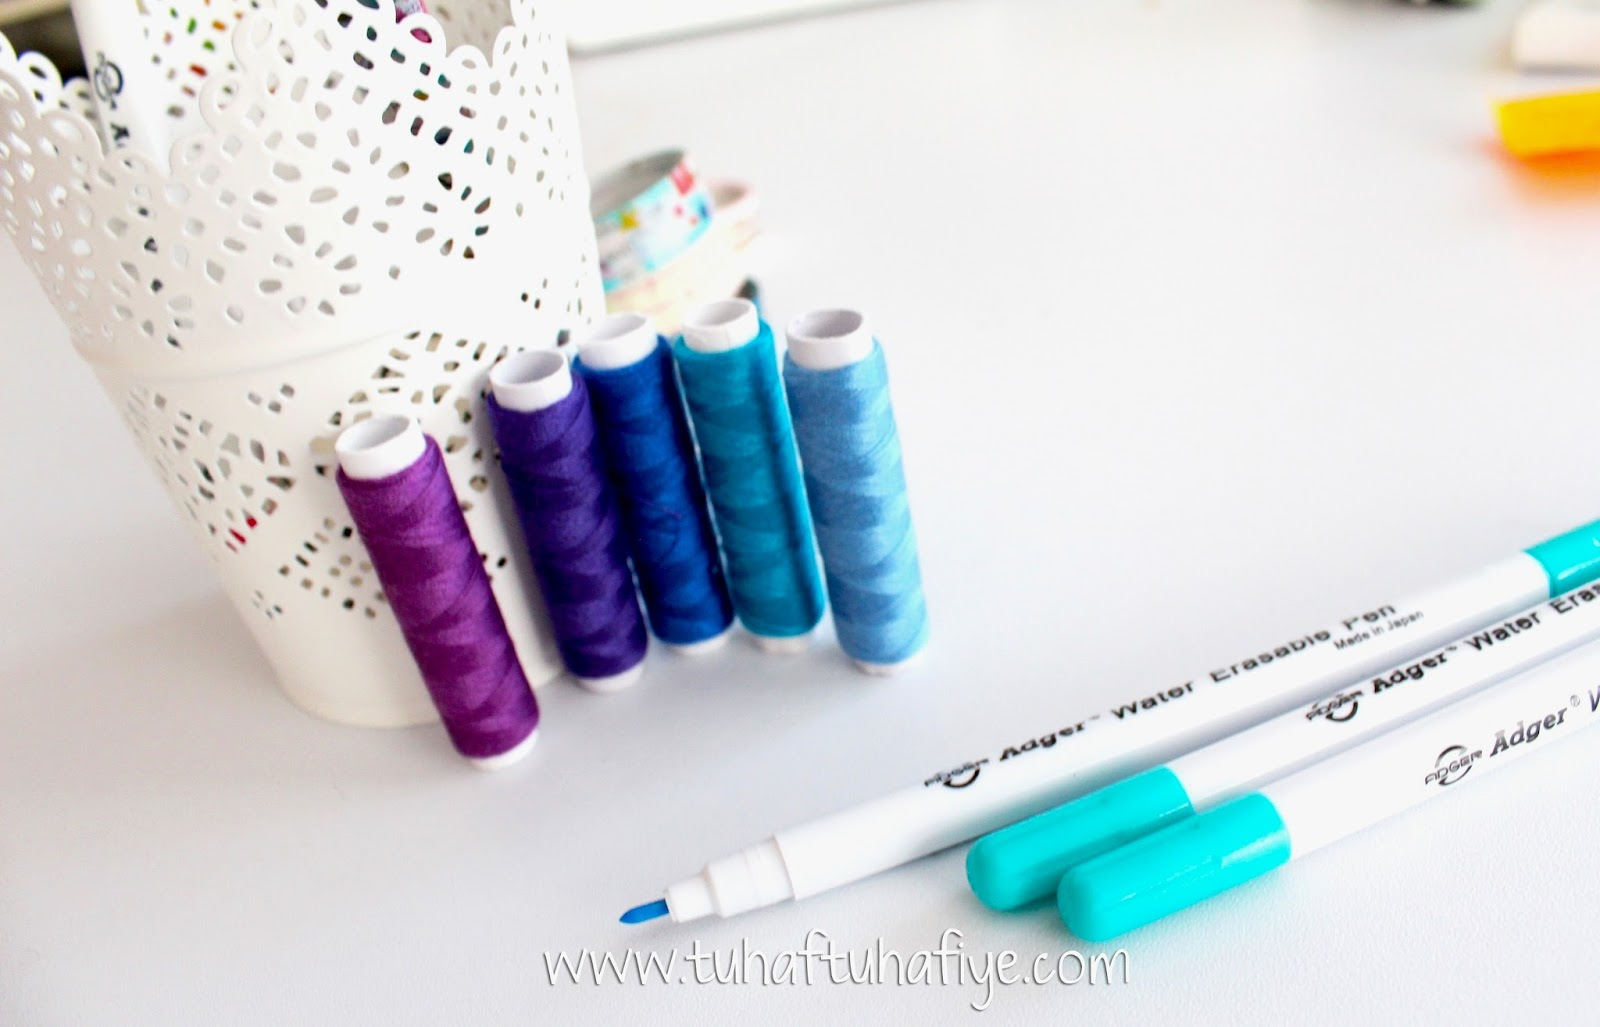 suyla çıkan kalem, dikiş malzemeleri, satış